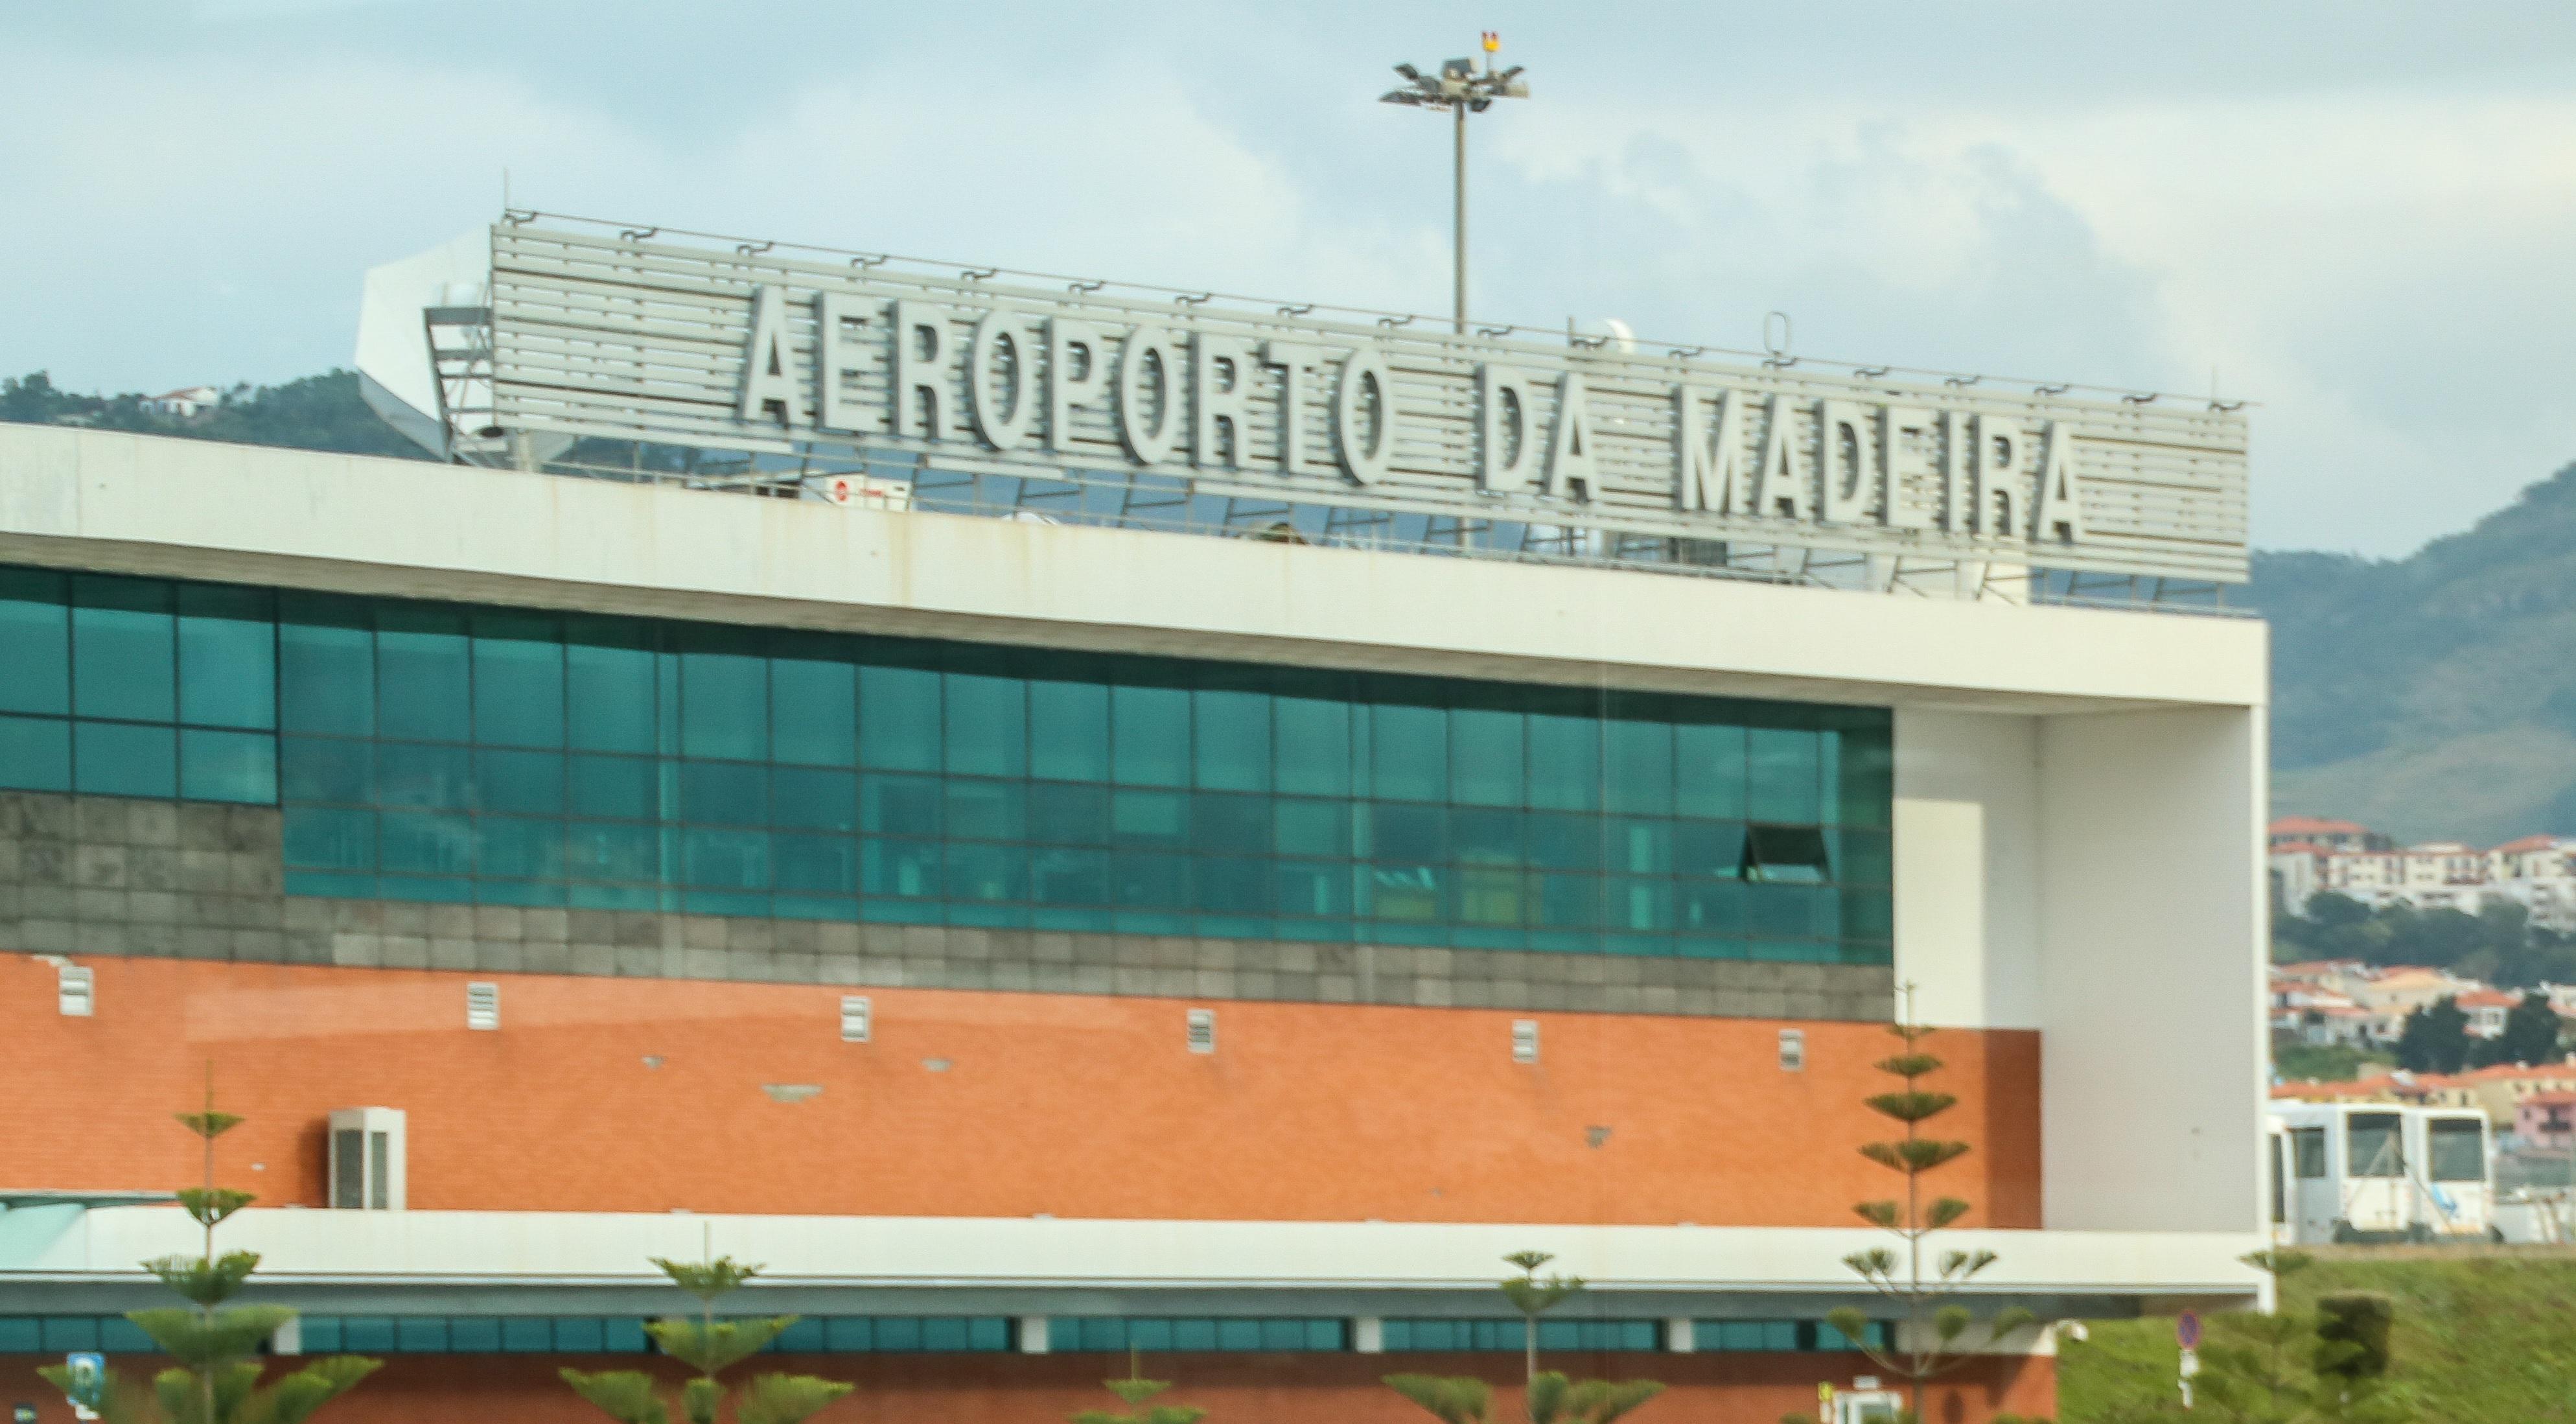 Vive la pasión del deporte rey en una isla muy futbolera - Portugal Circuito Madeira a fondo